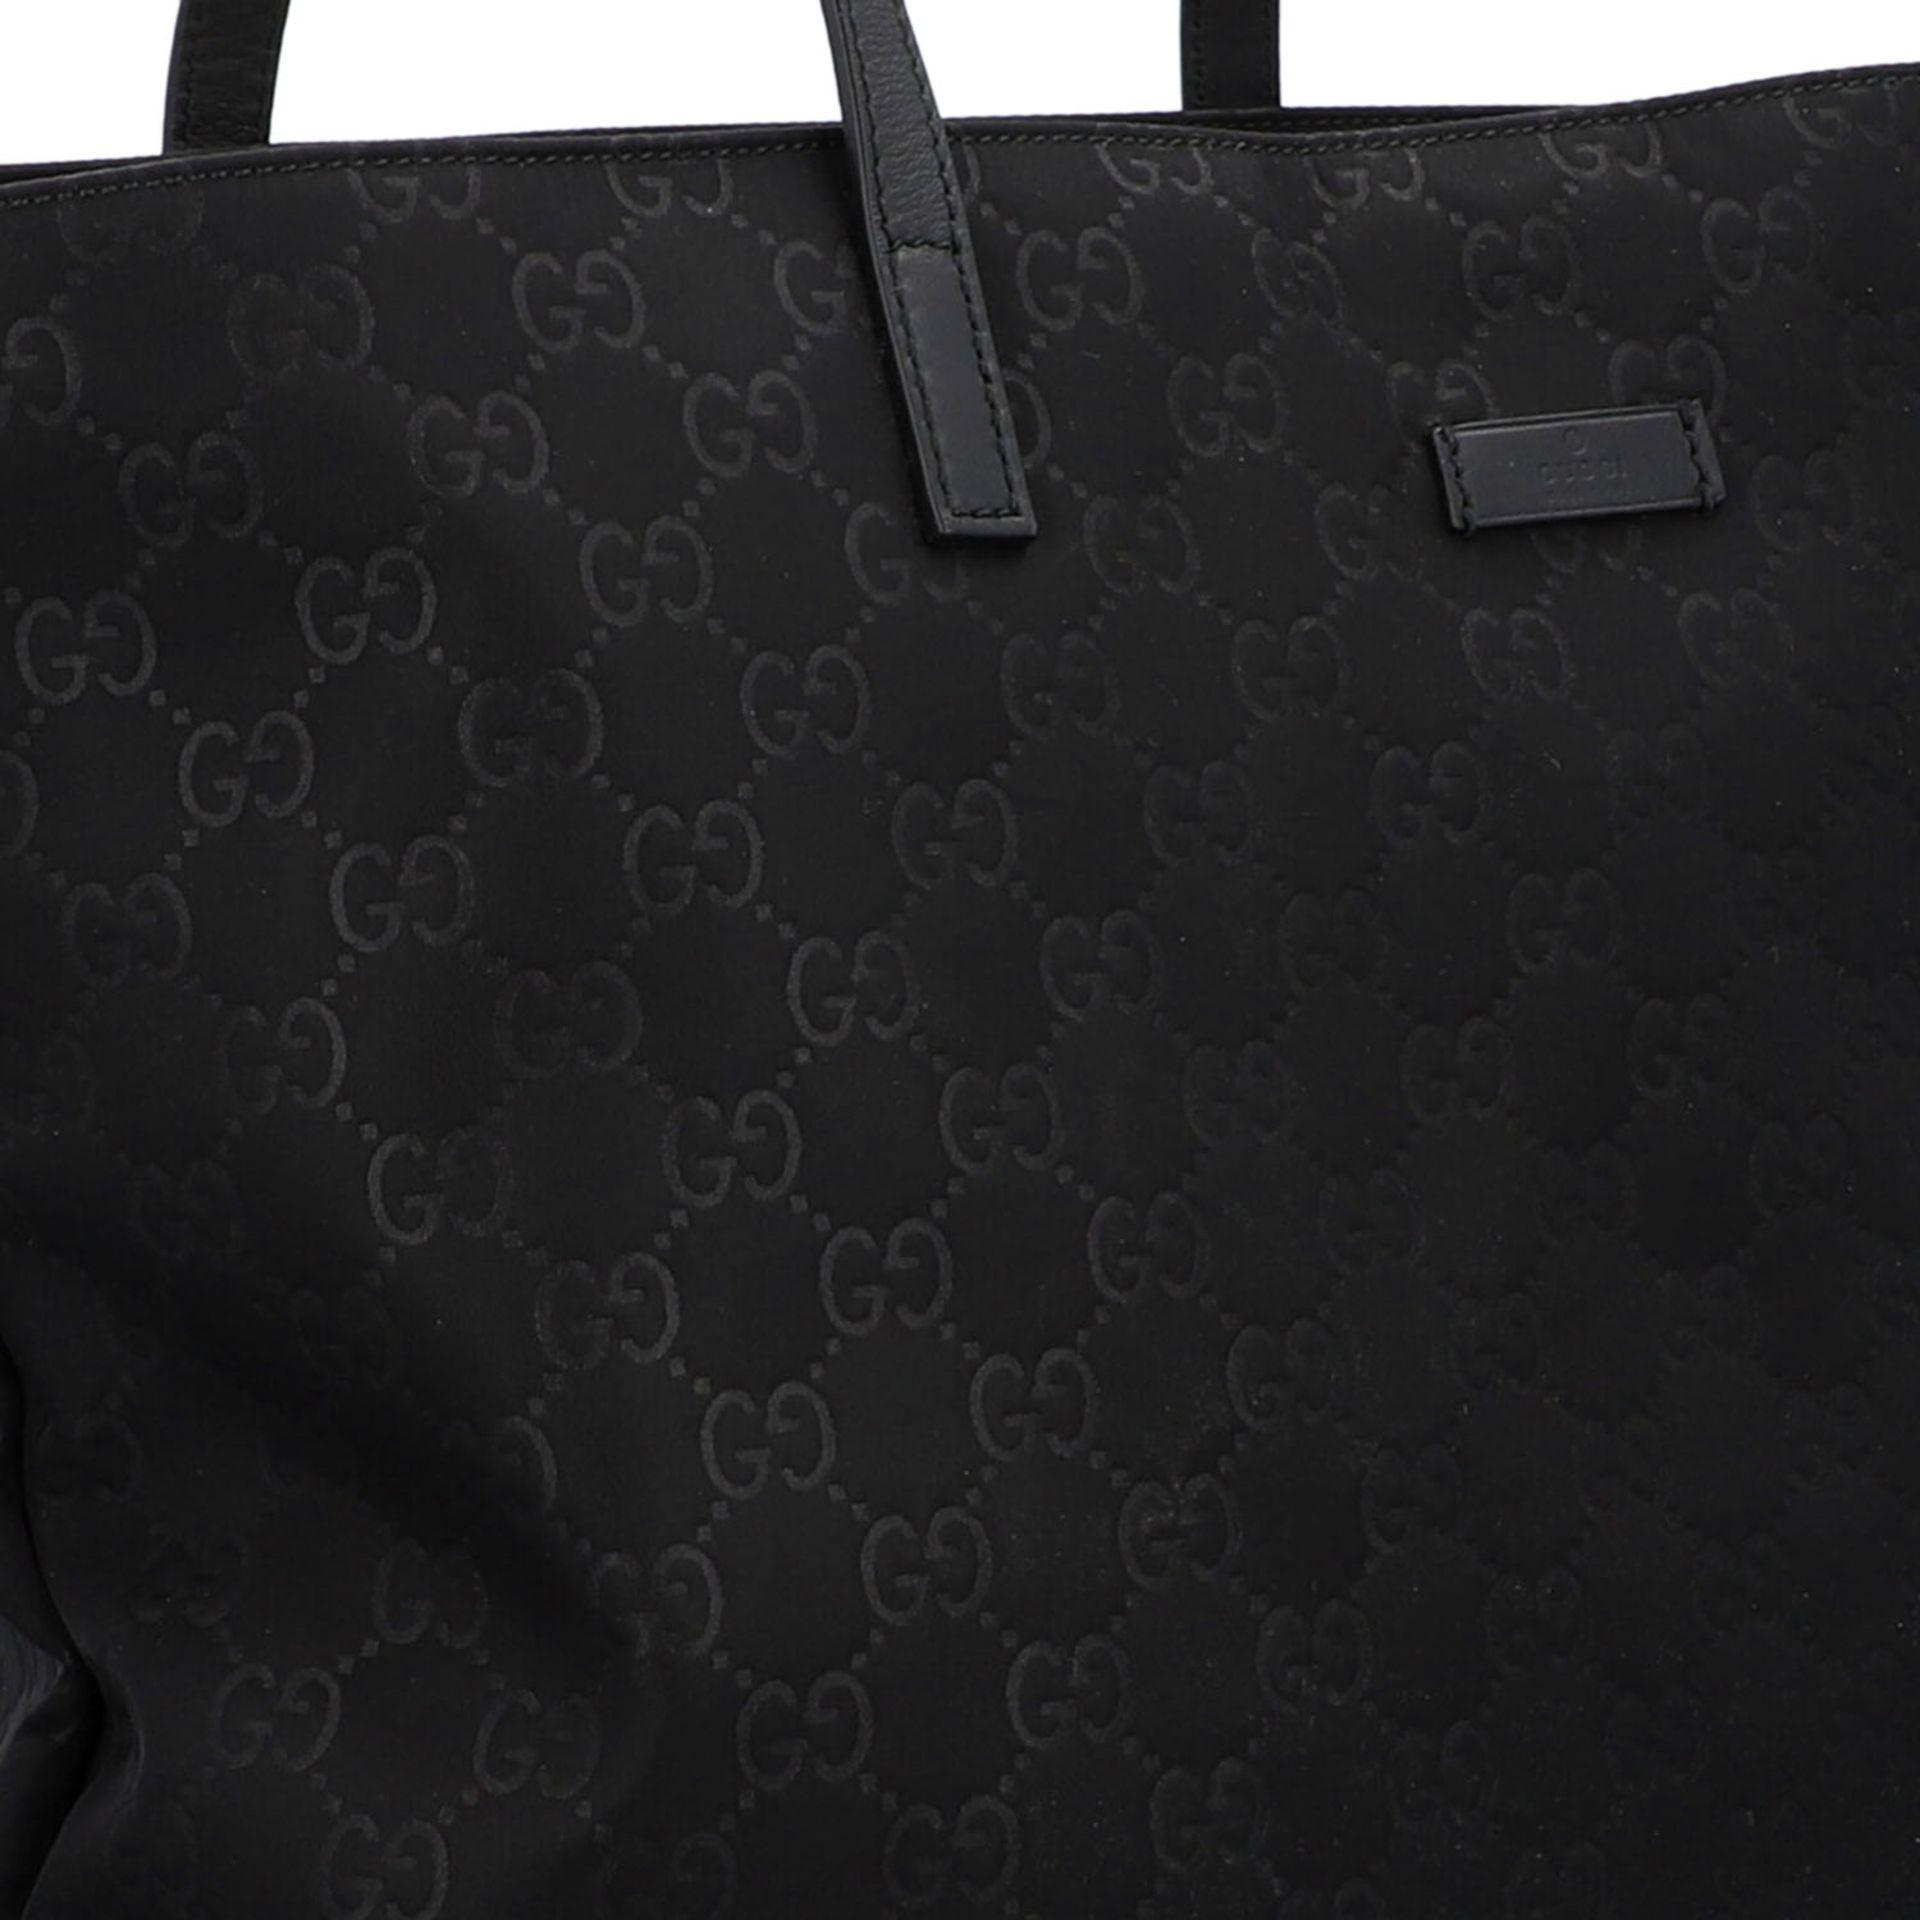 GUCCI Shoppertasche, NP. ca.: 1.000,-€. Textil in Schwarz mit GG-Supreme Muster und - Image 8 of 8